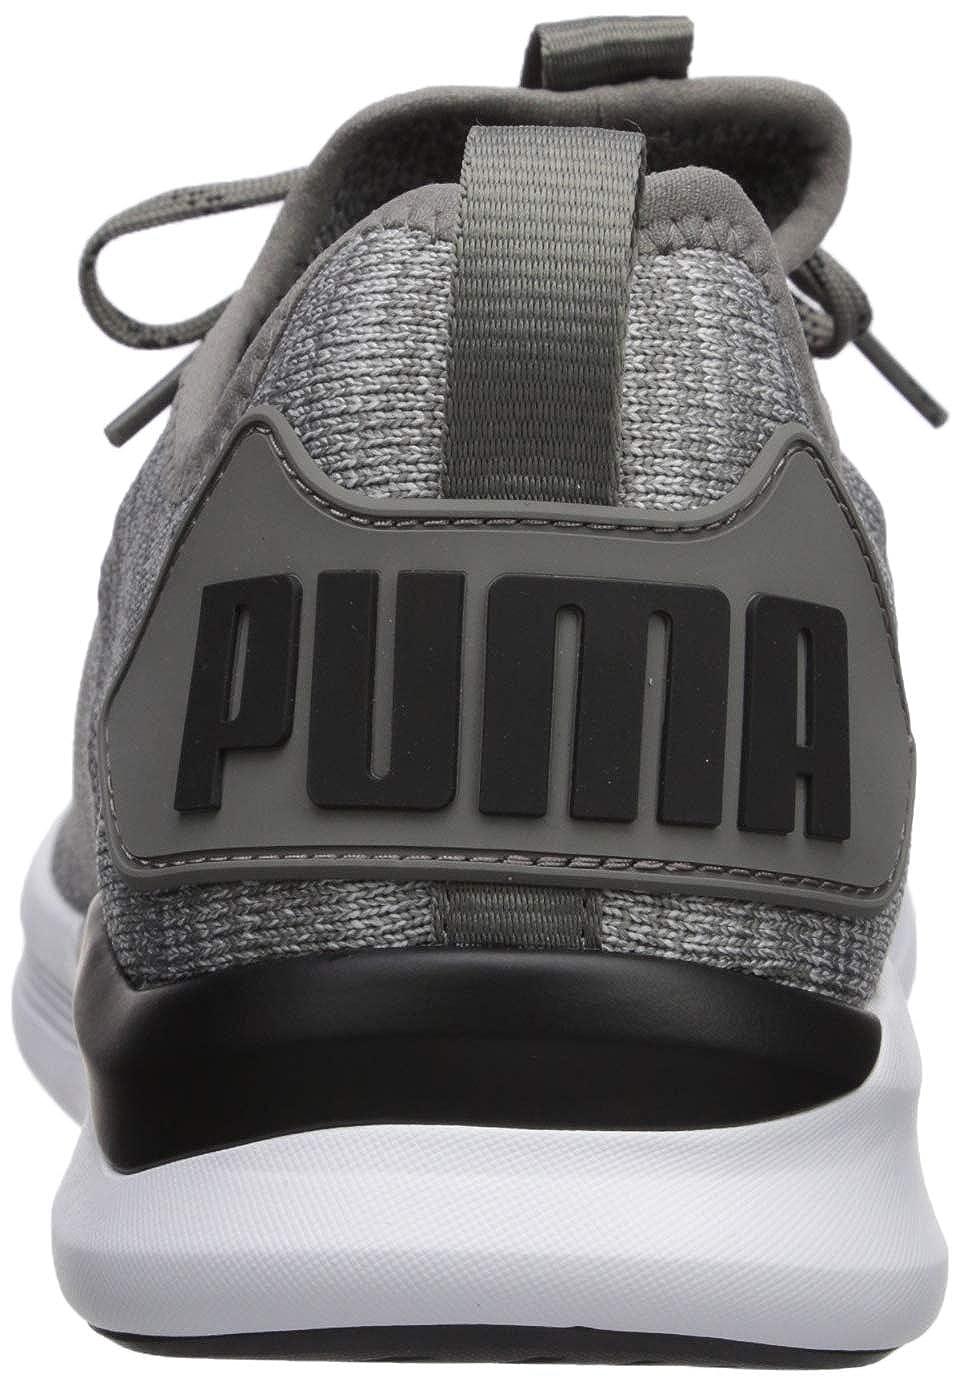 Puma Ignite Ignite Ignite Flash Evoknit Herren Turnschuhe  f4f531